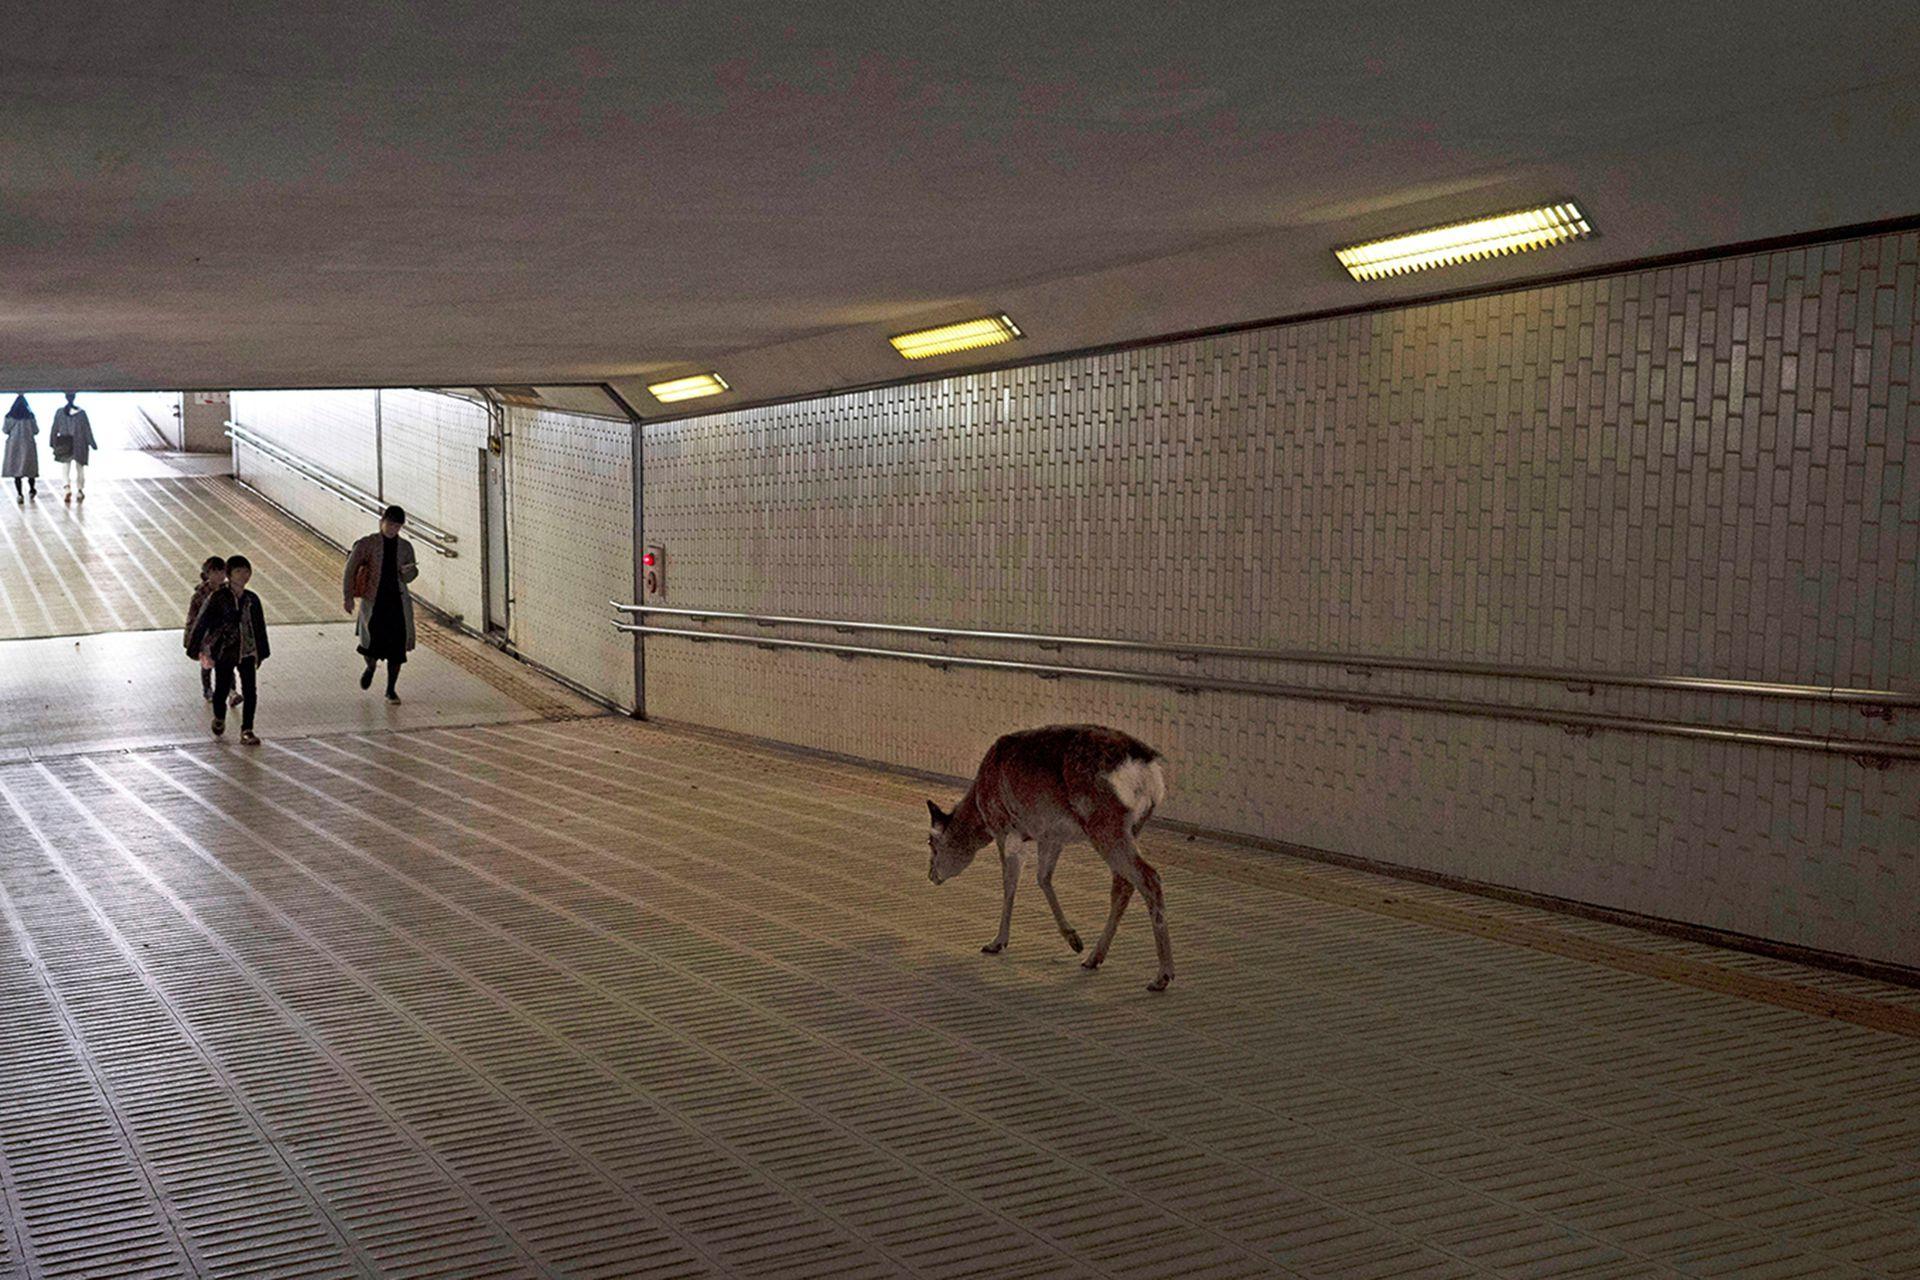 Por calles, templos, parques, tiendas de regalos y restaurantes se les puede observar caminando tranquilamente